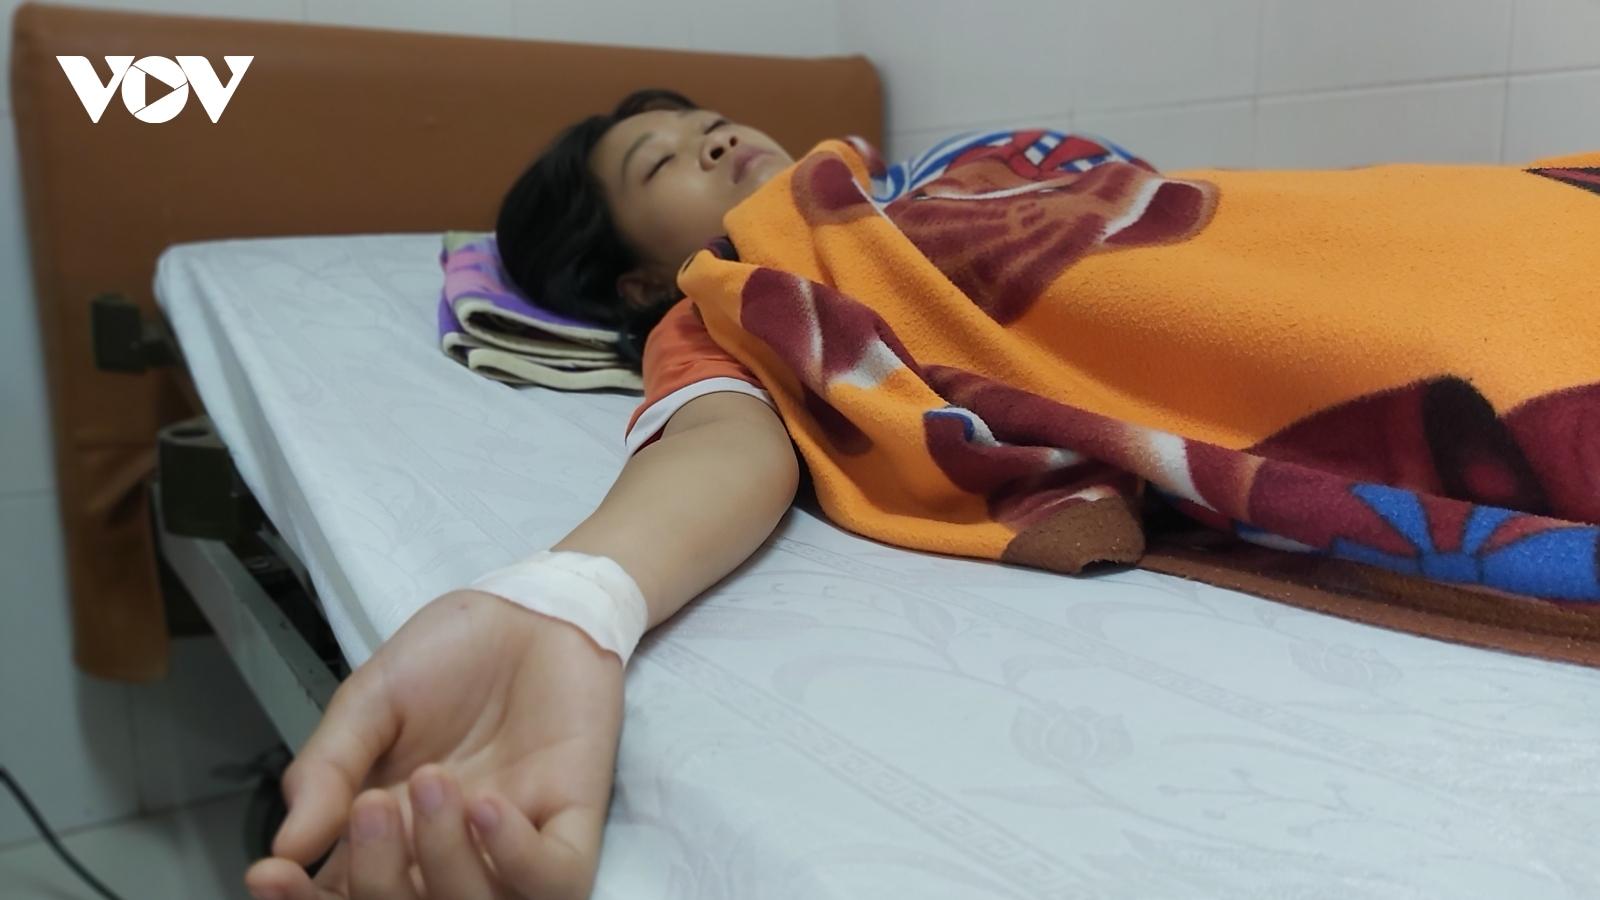 Tây Ninh: Kẻ hành hung bé gái sau va chạm giao thông bị phạt 2,5 triệu đồng